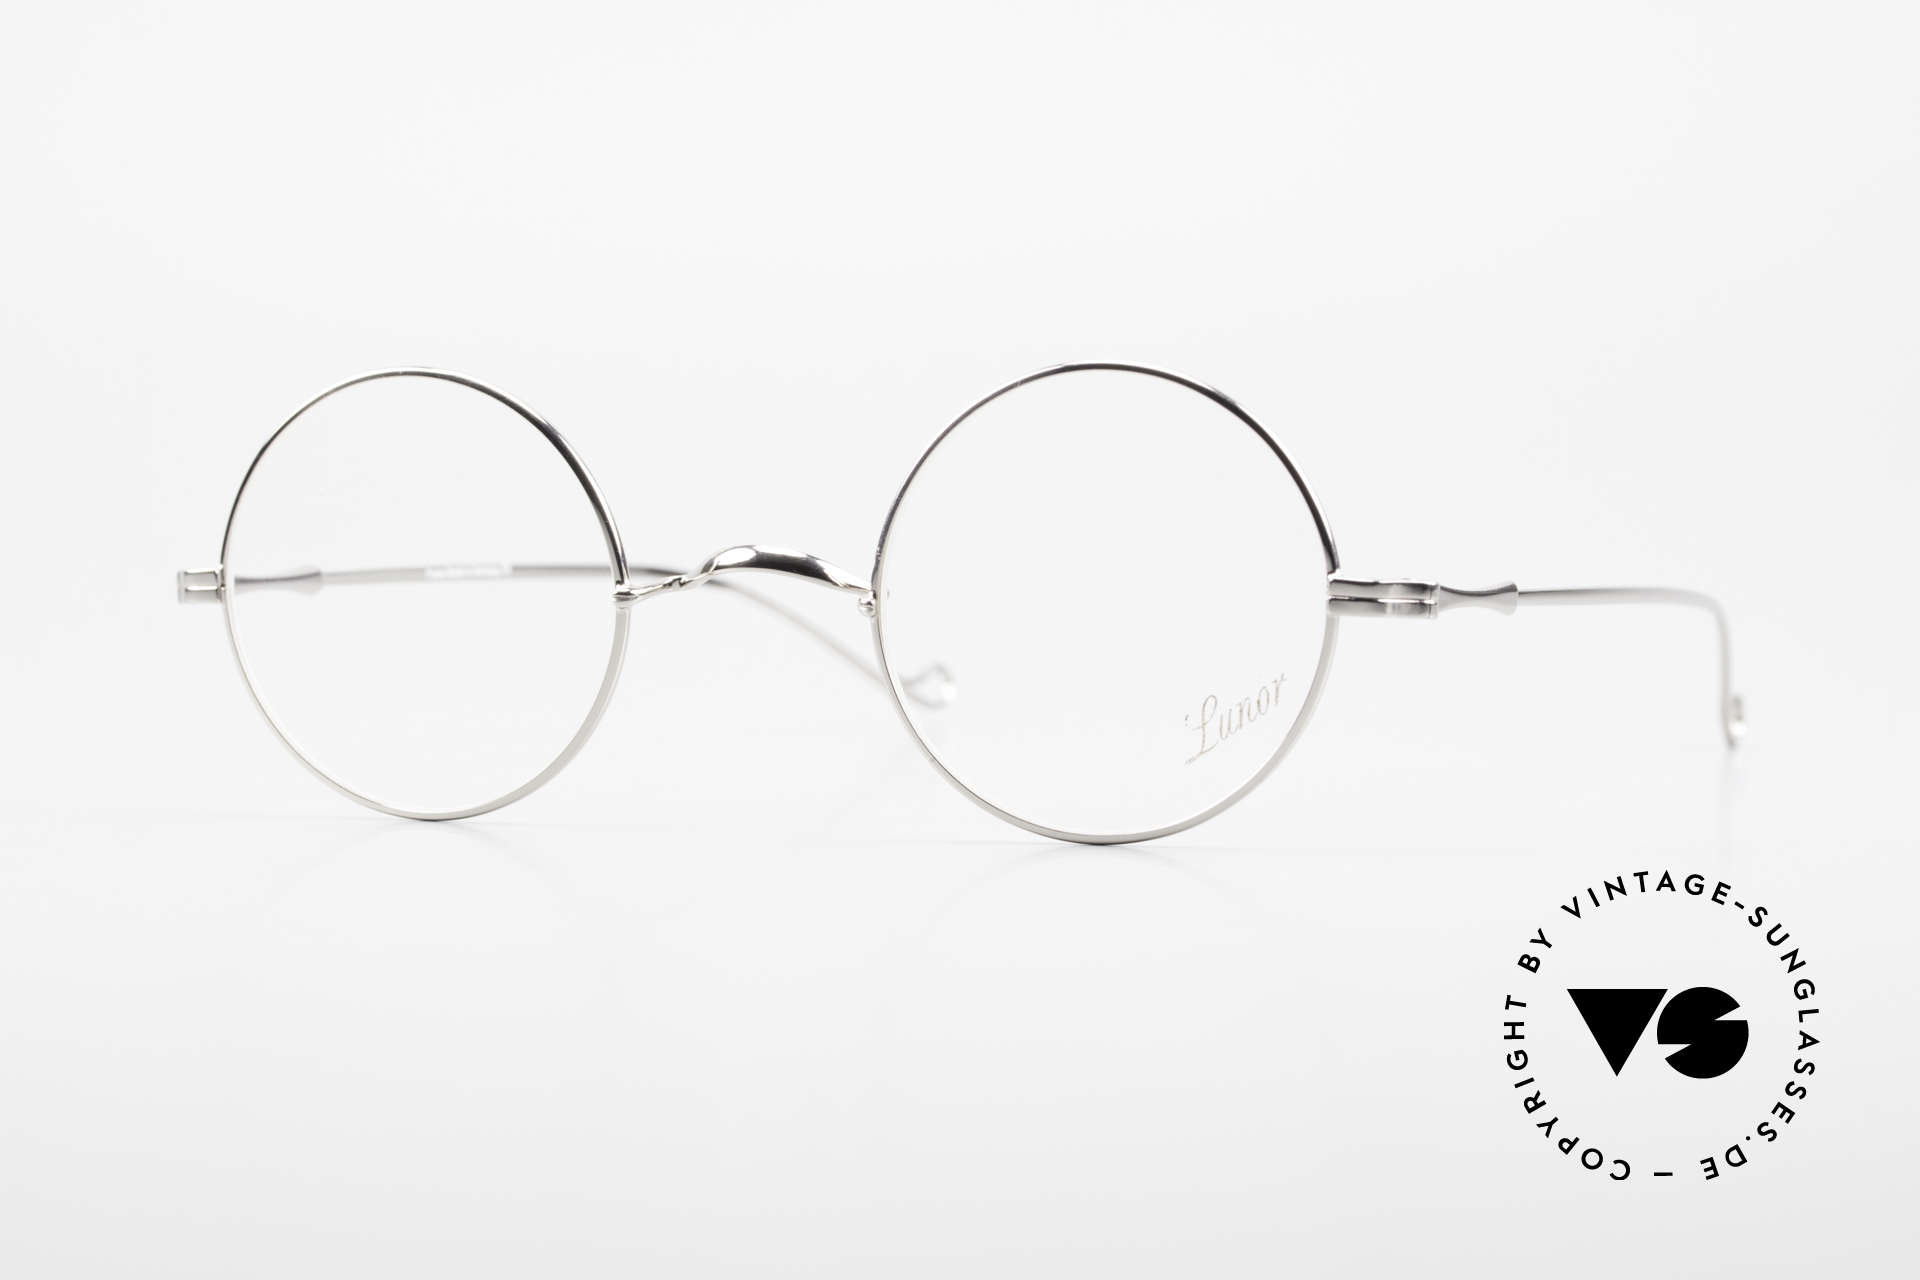 """Lunor II 23 Runde Lunor Brille Limited, runde Lunor Brille aus der alten """"LUNOR II"""" Serie, Passend für Herren und Damen"""